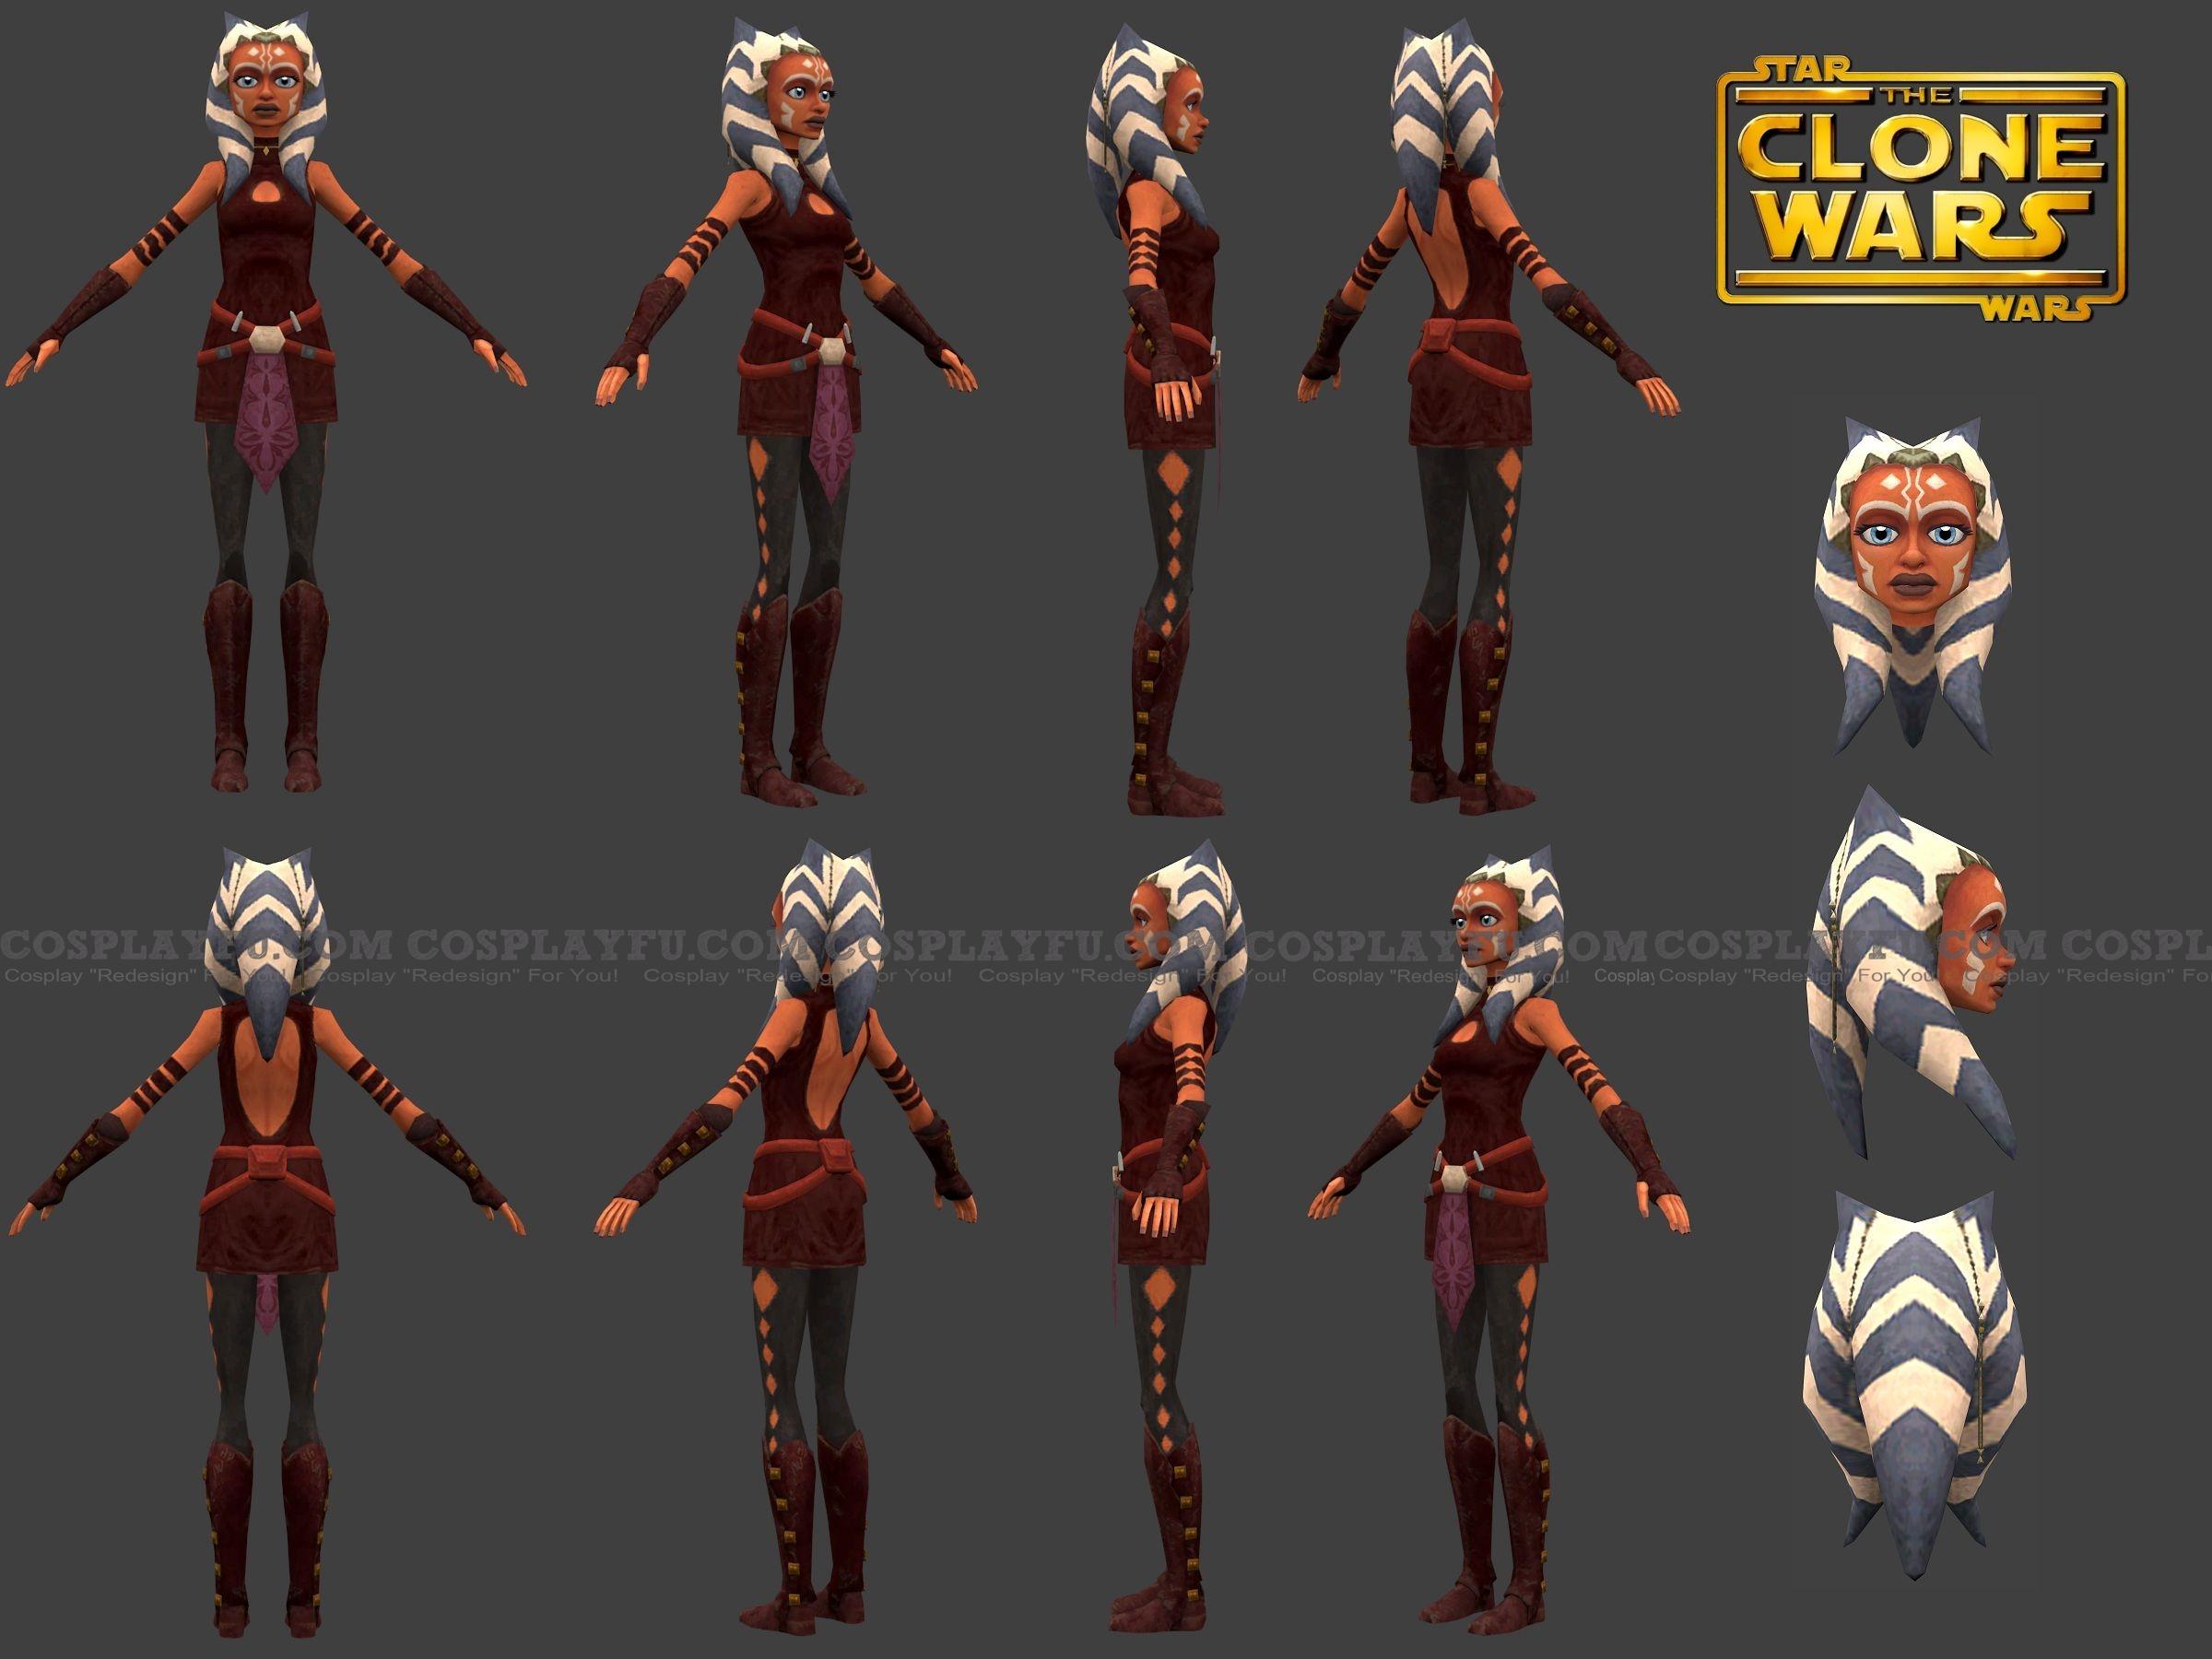 Звёздные войны Асока Тано Костюм (Clone Wars)